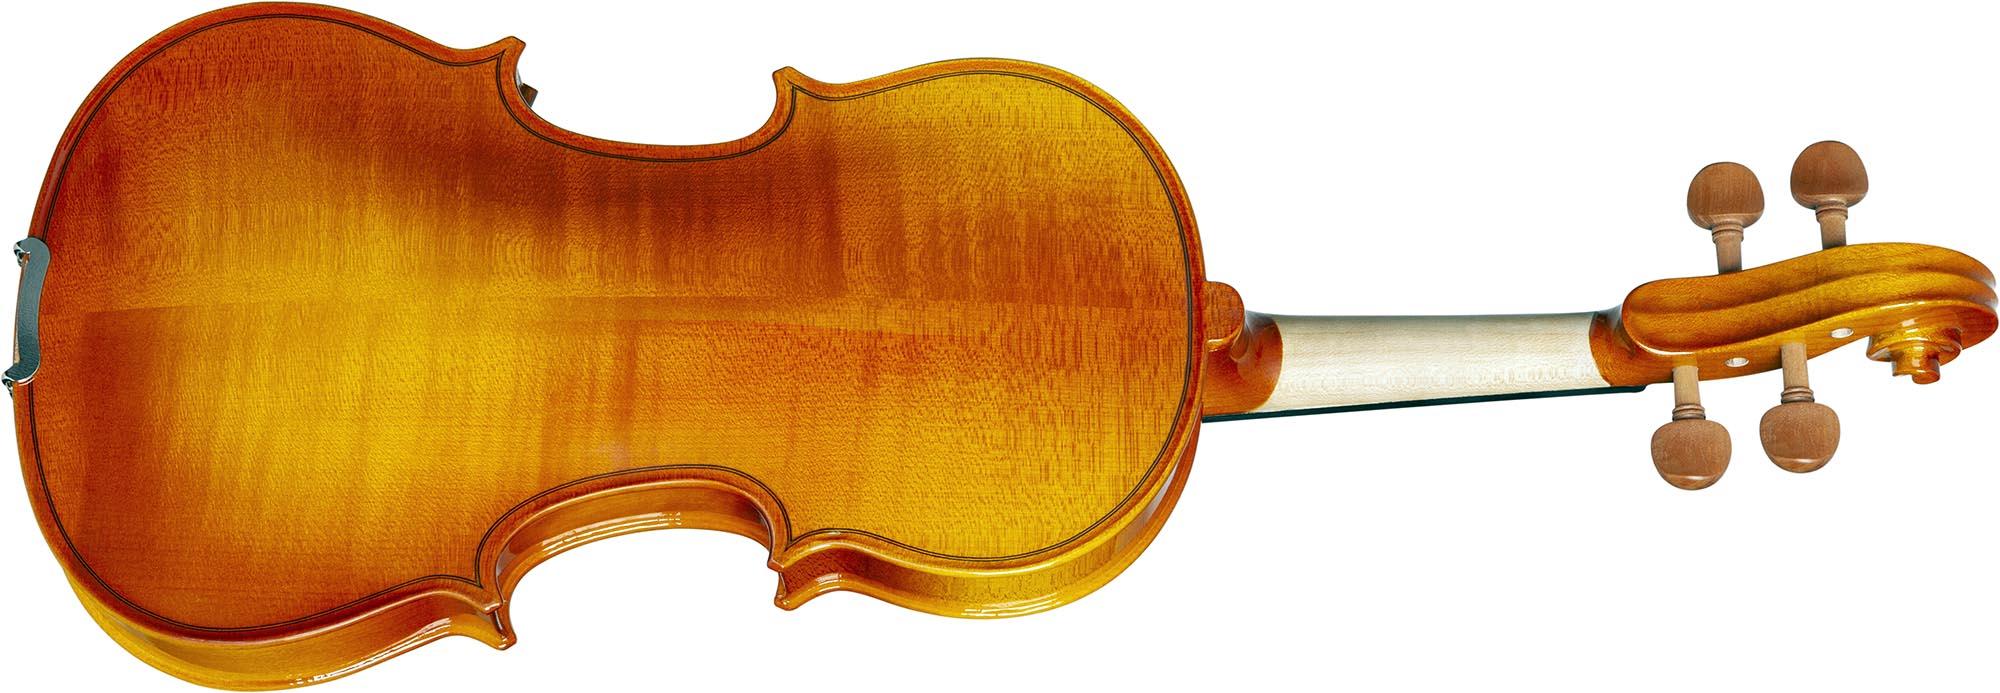 ve443 violino eagle ve443 visao posterior